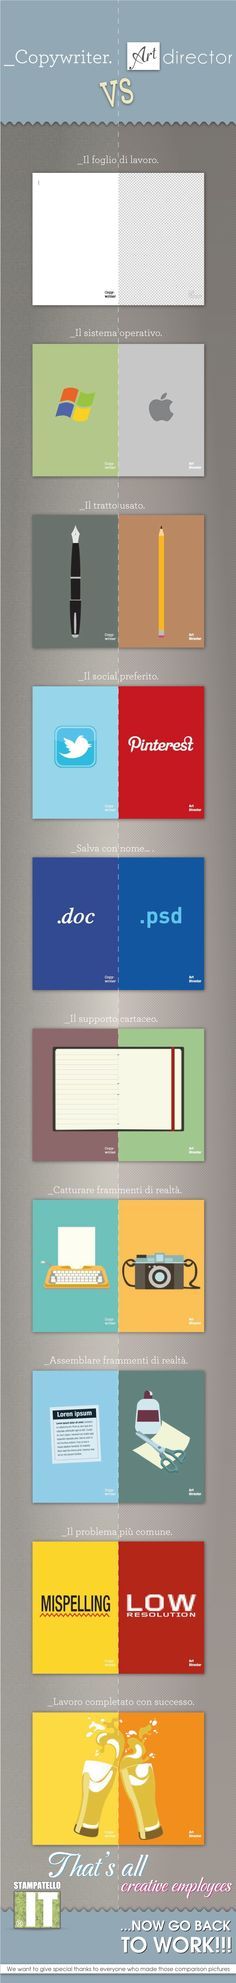 Copywriter vs. Art Director - Aunque creo que en algunas cosas soy menos copywriter y más AD.